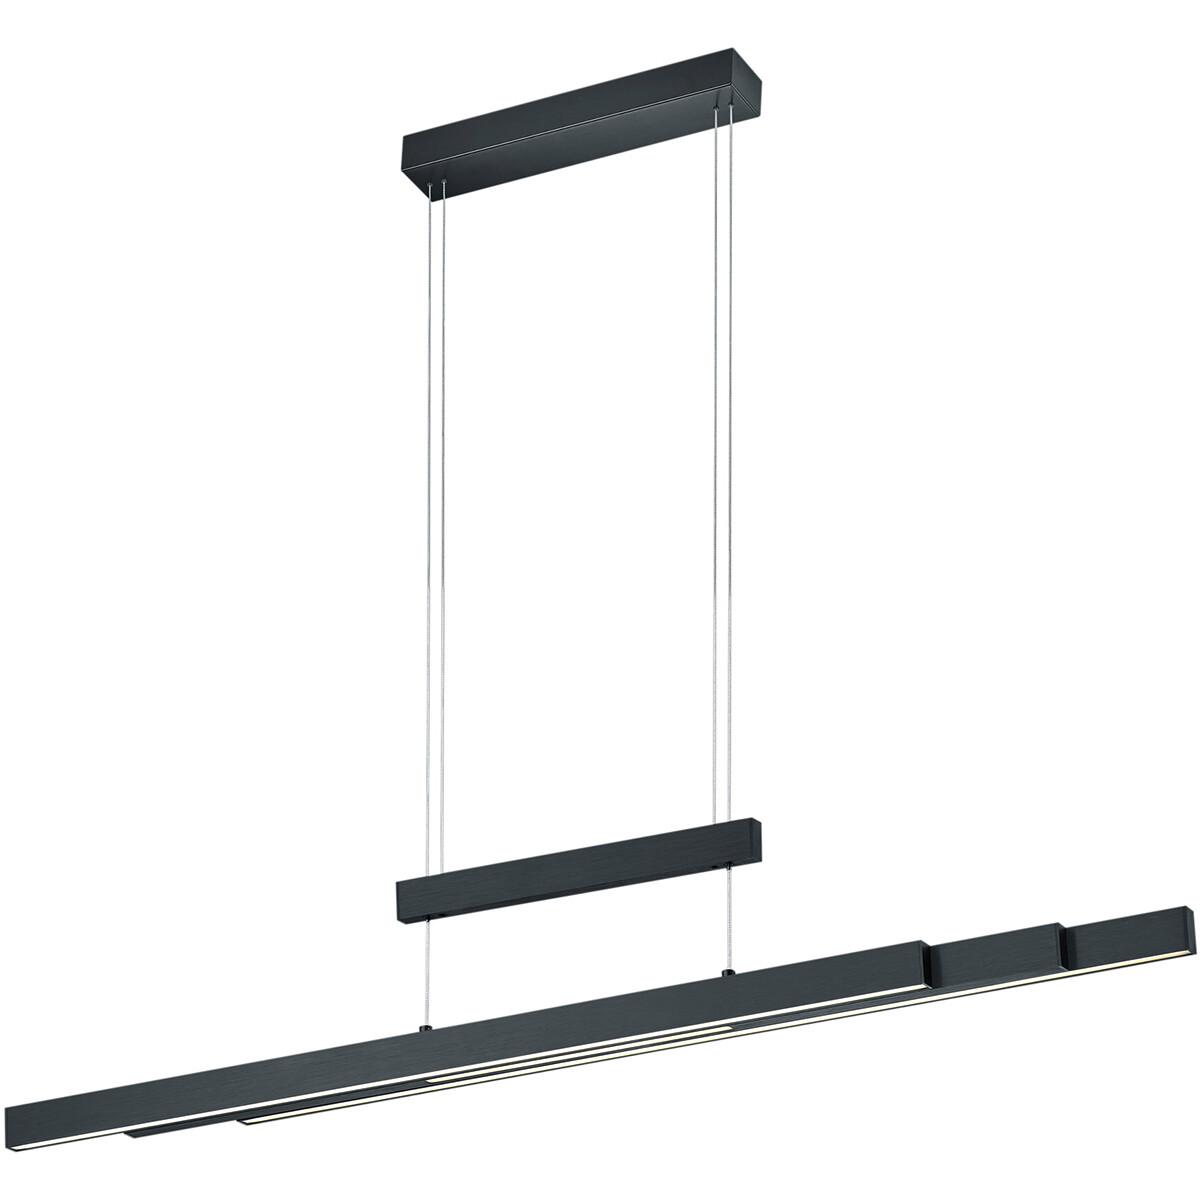 LED Hanglamp - Trion Trojan - 54W - Aanpasbare Kleur - Rechthoek - Mat Zwart - Aluminium